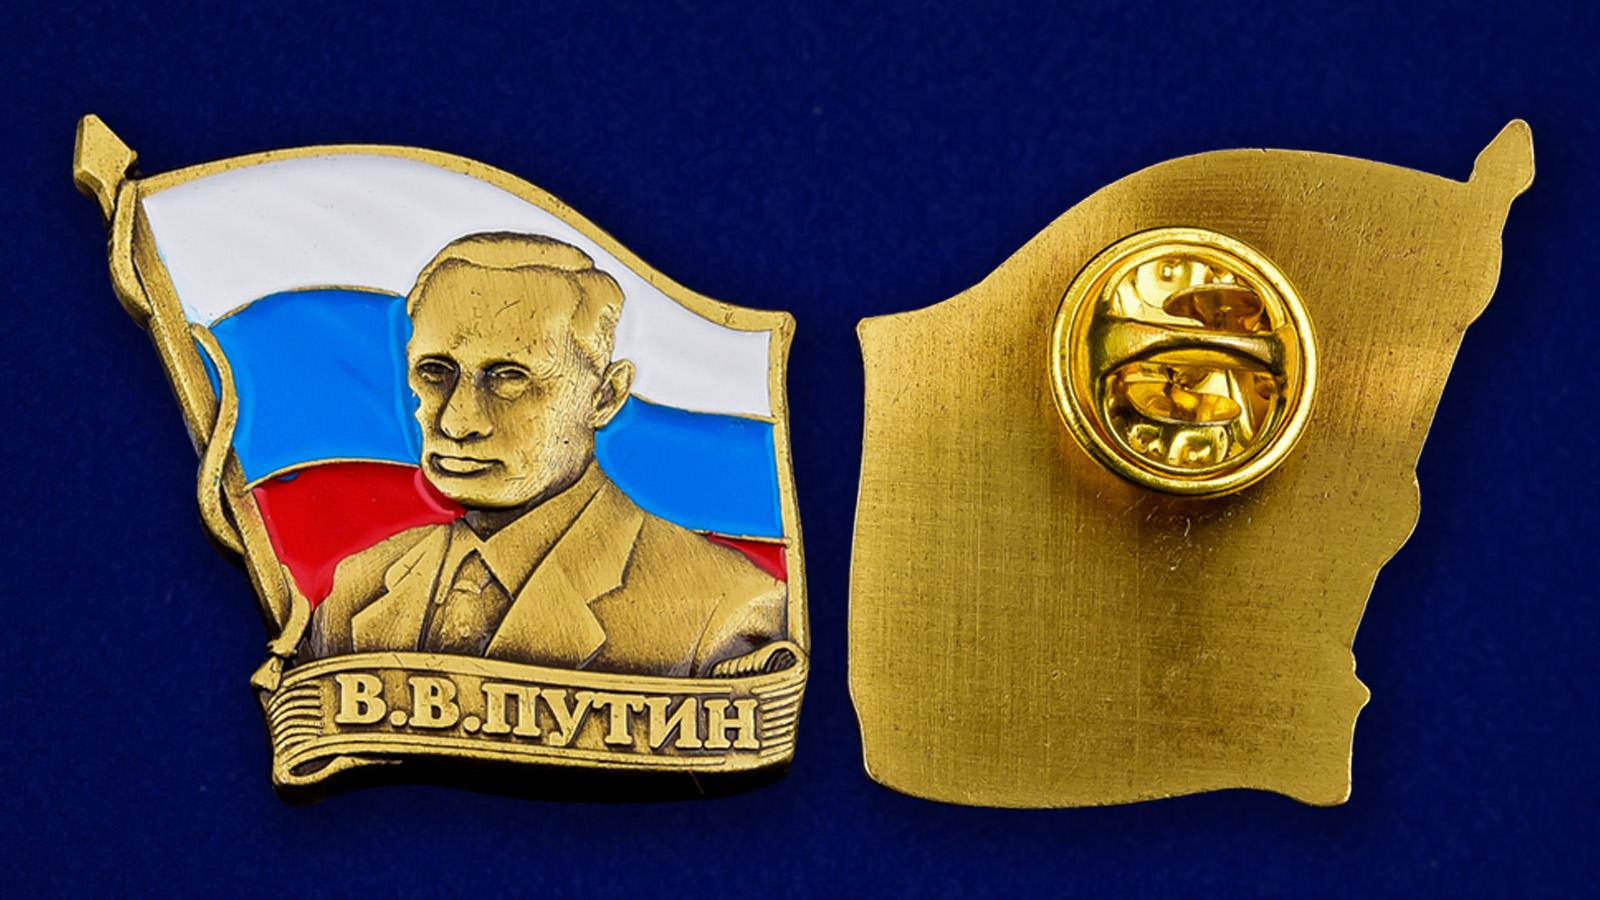 Купить фрачник с Путиным